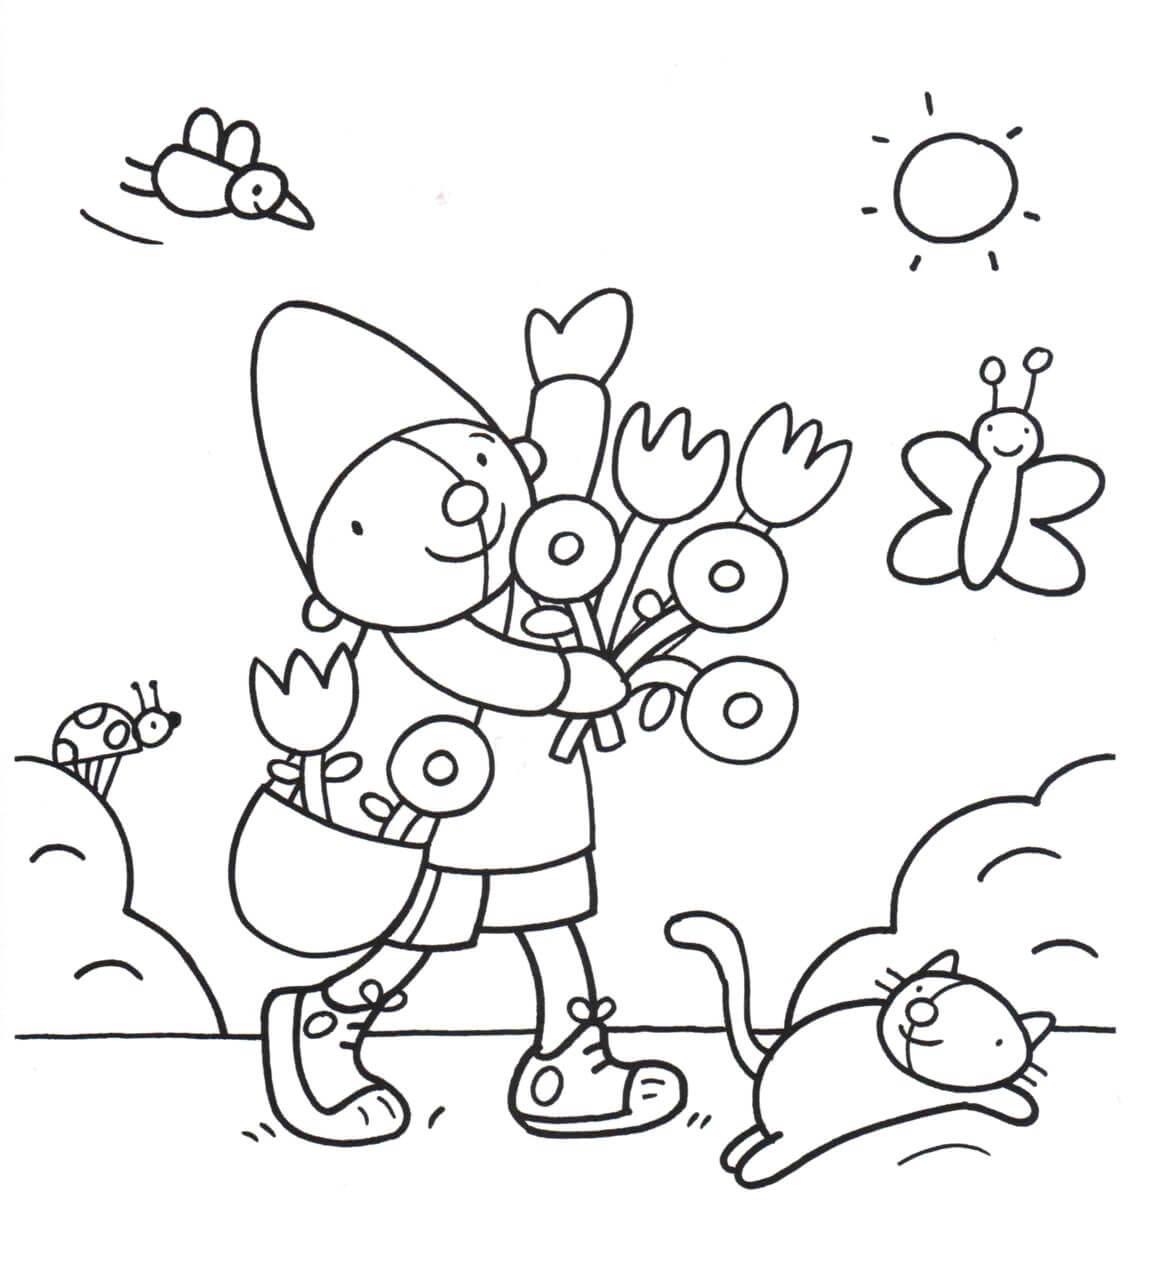 Раскраска Мальчик на прогулке